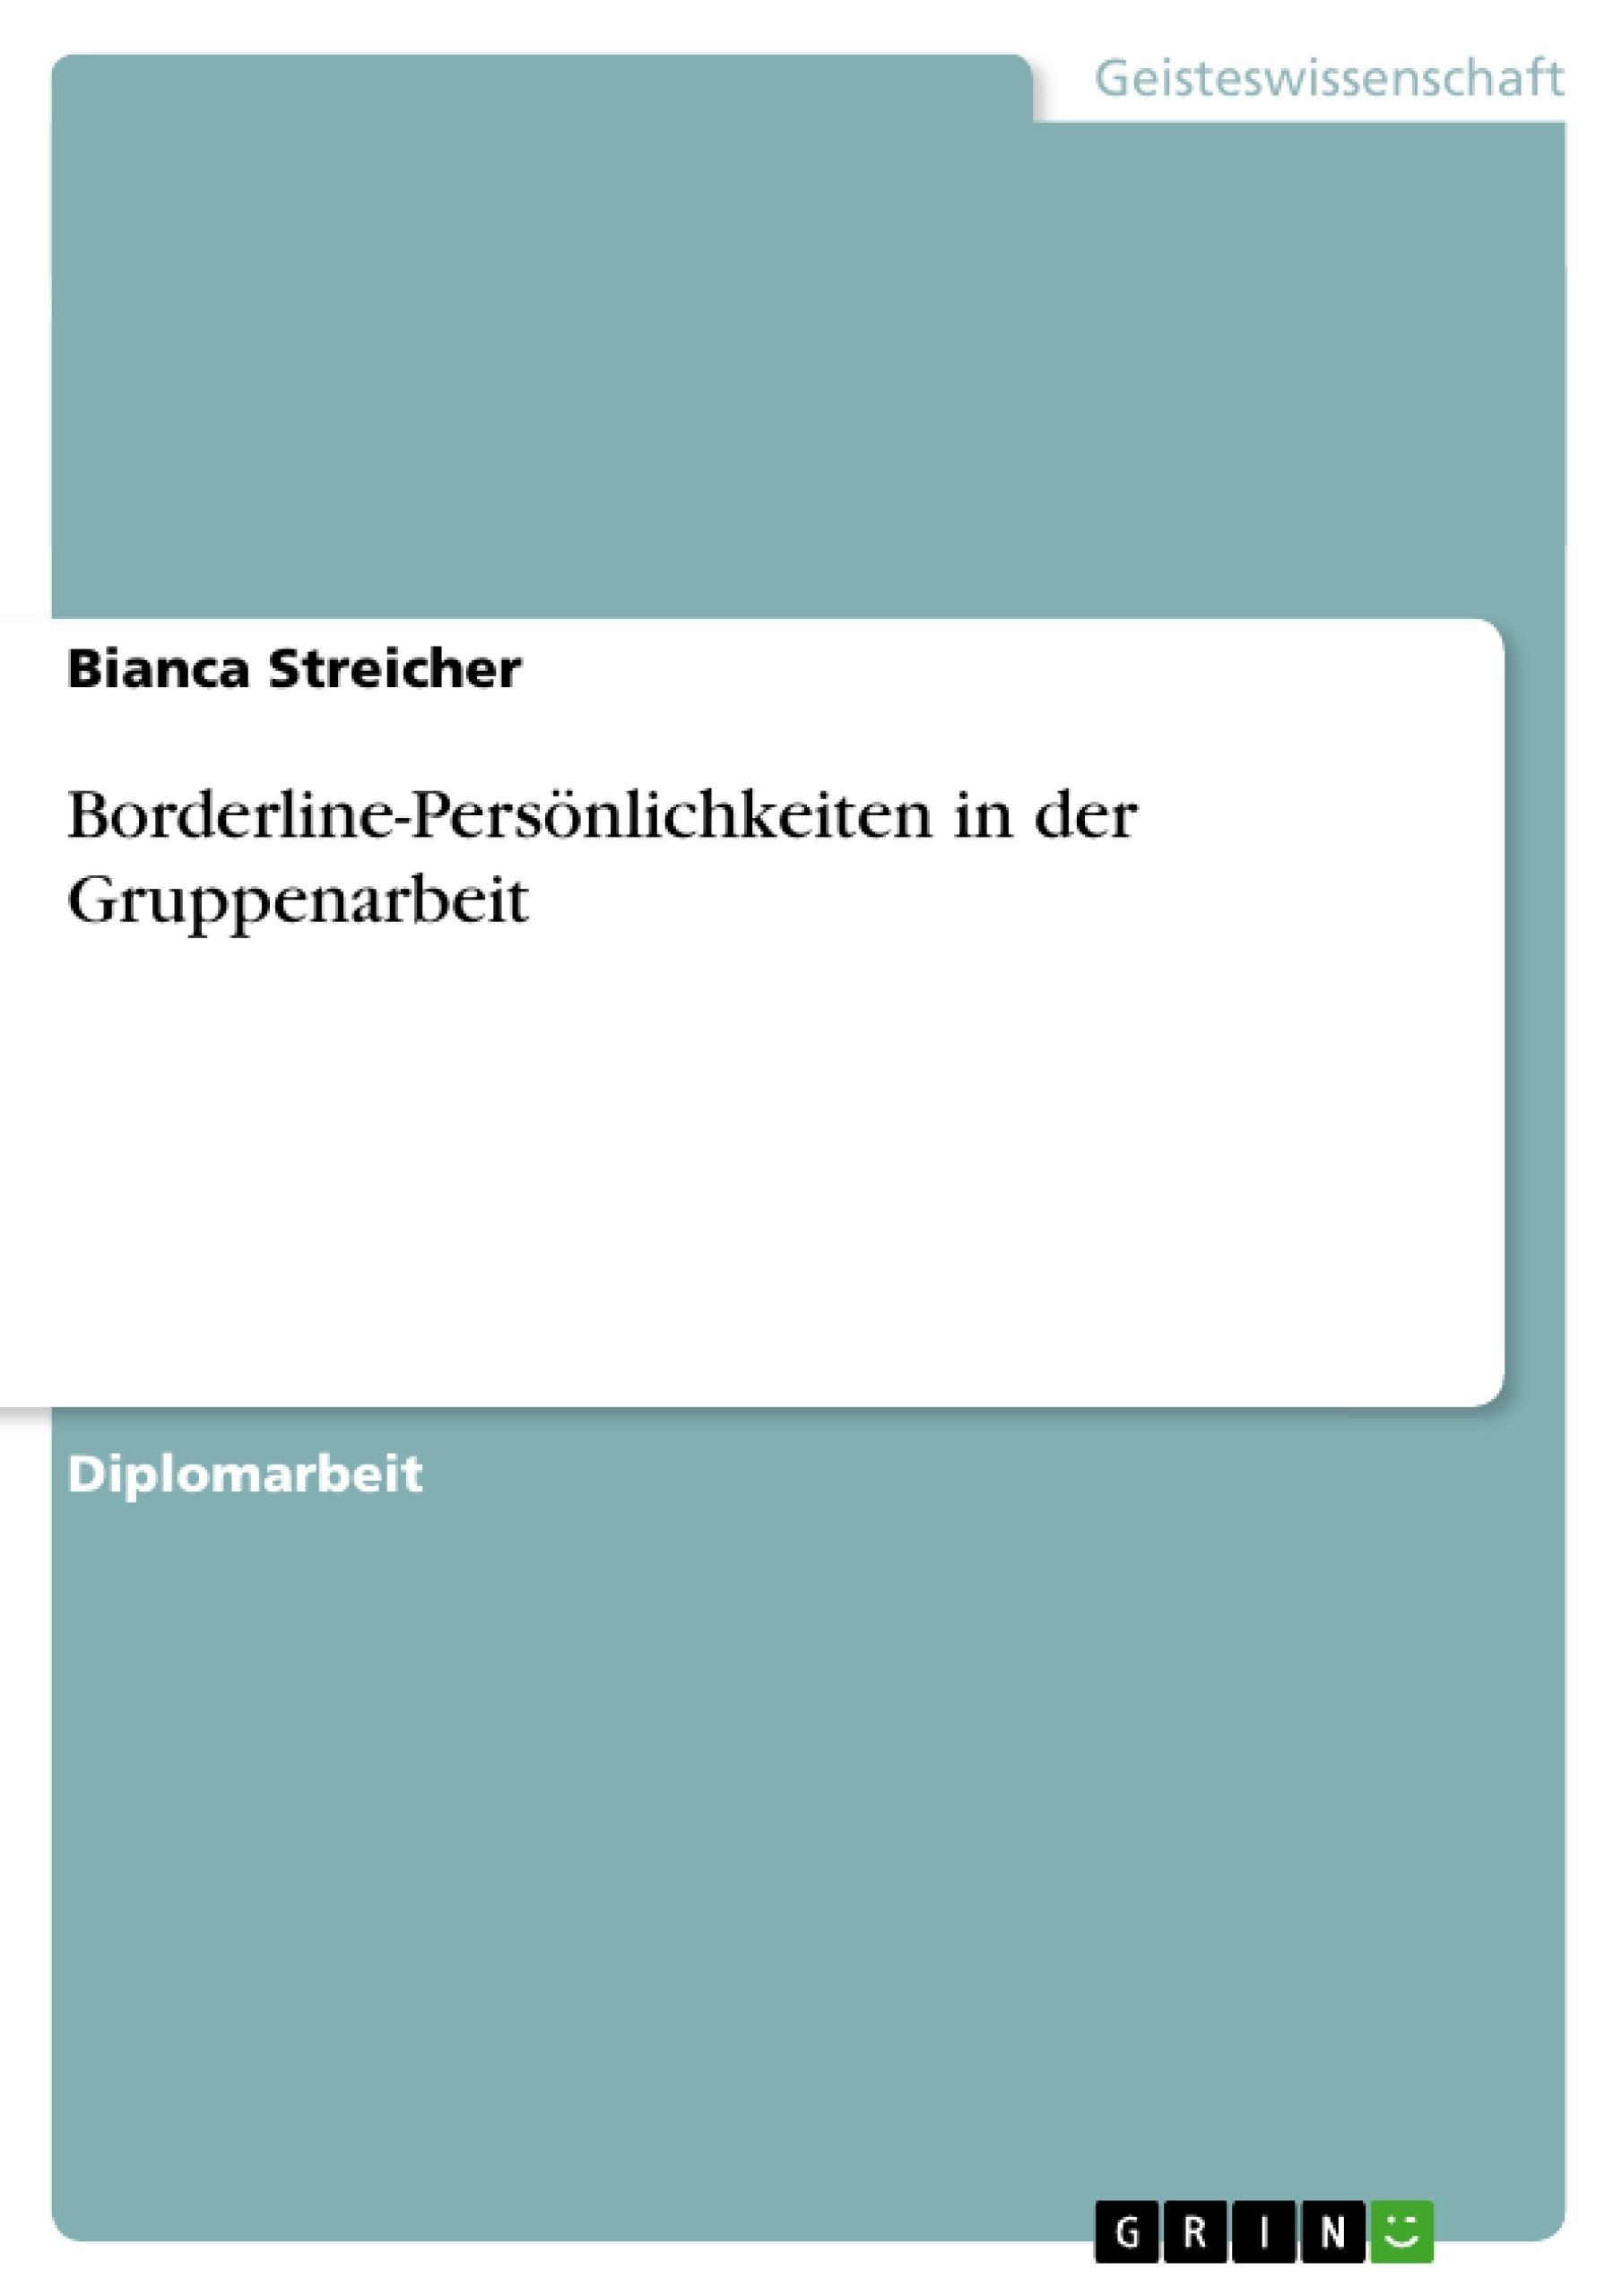 Titel: Borderline-Persönlichkeiten in der Gruppenarbeit